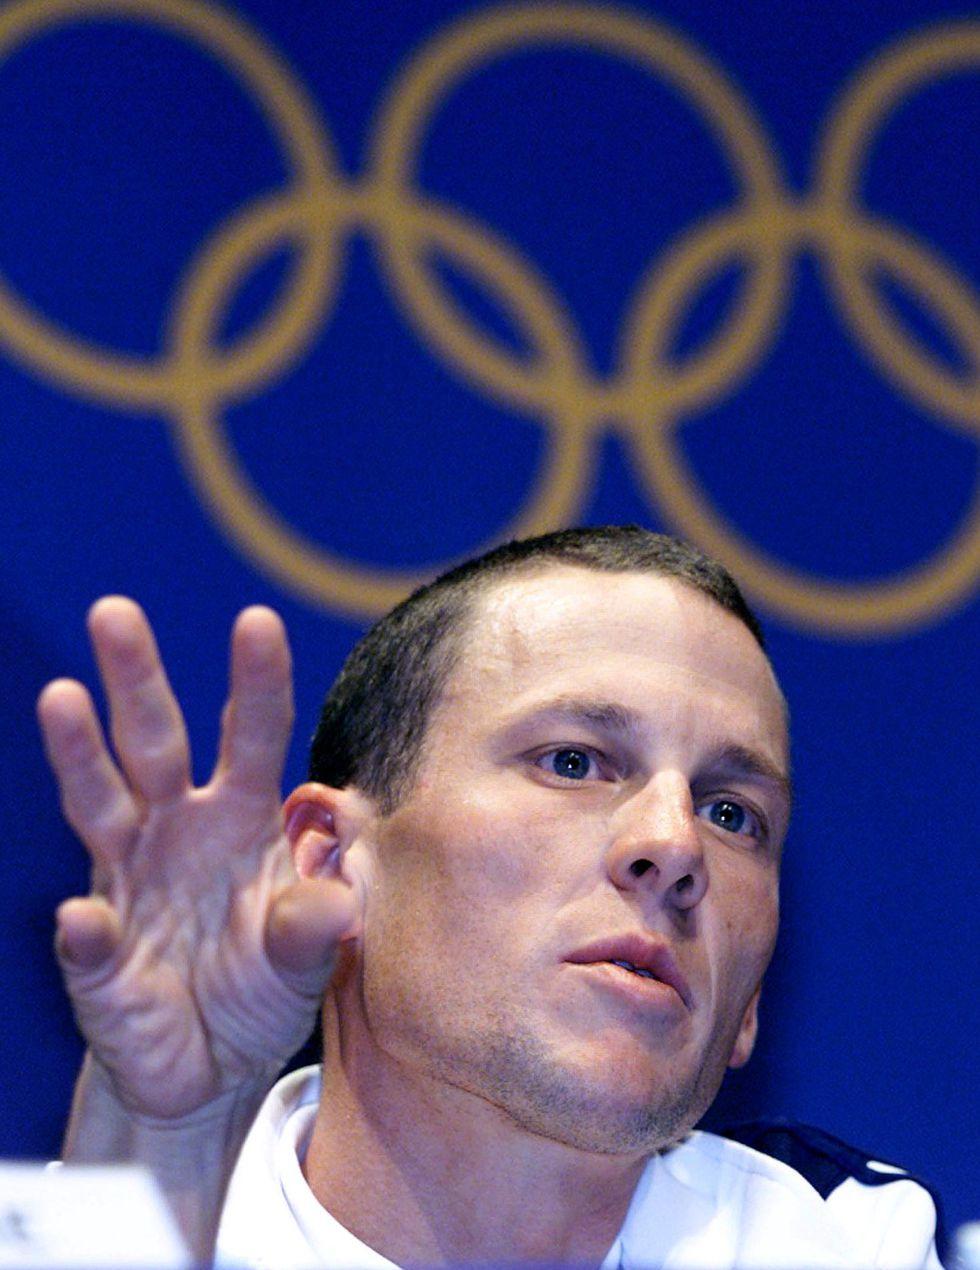 El COI pide a Armstrong que colabore con las autoridades